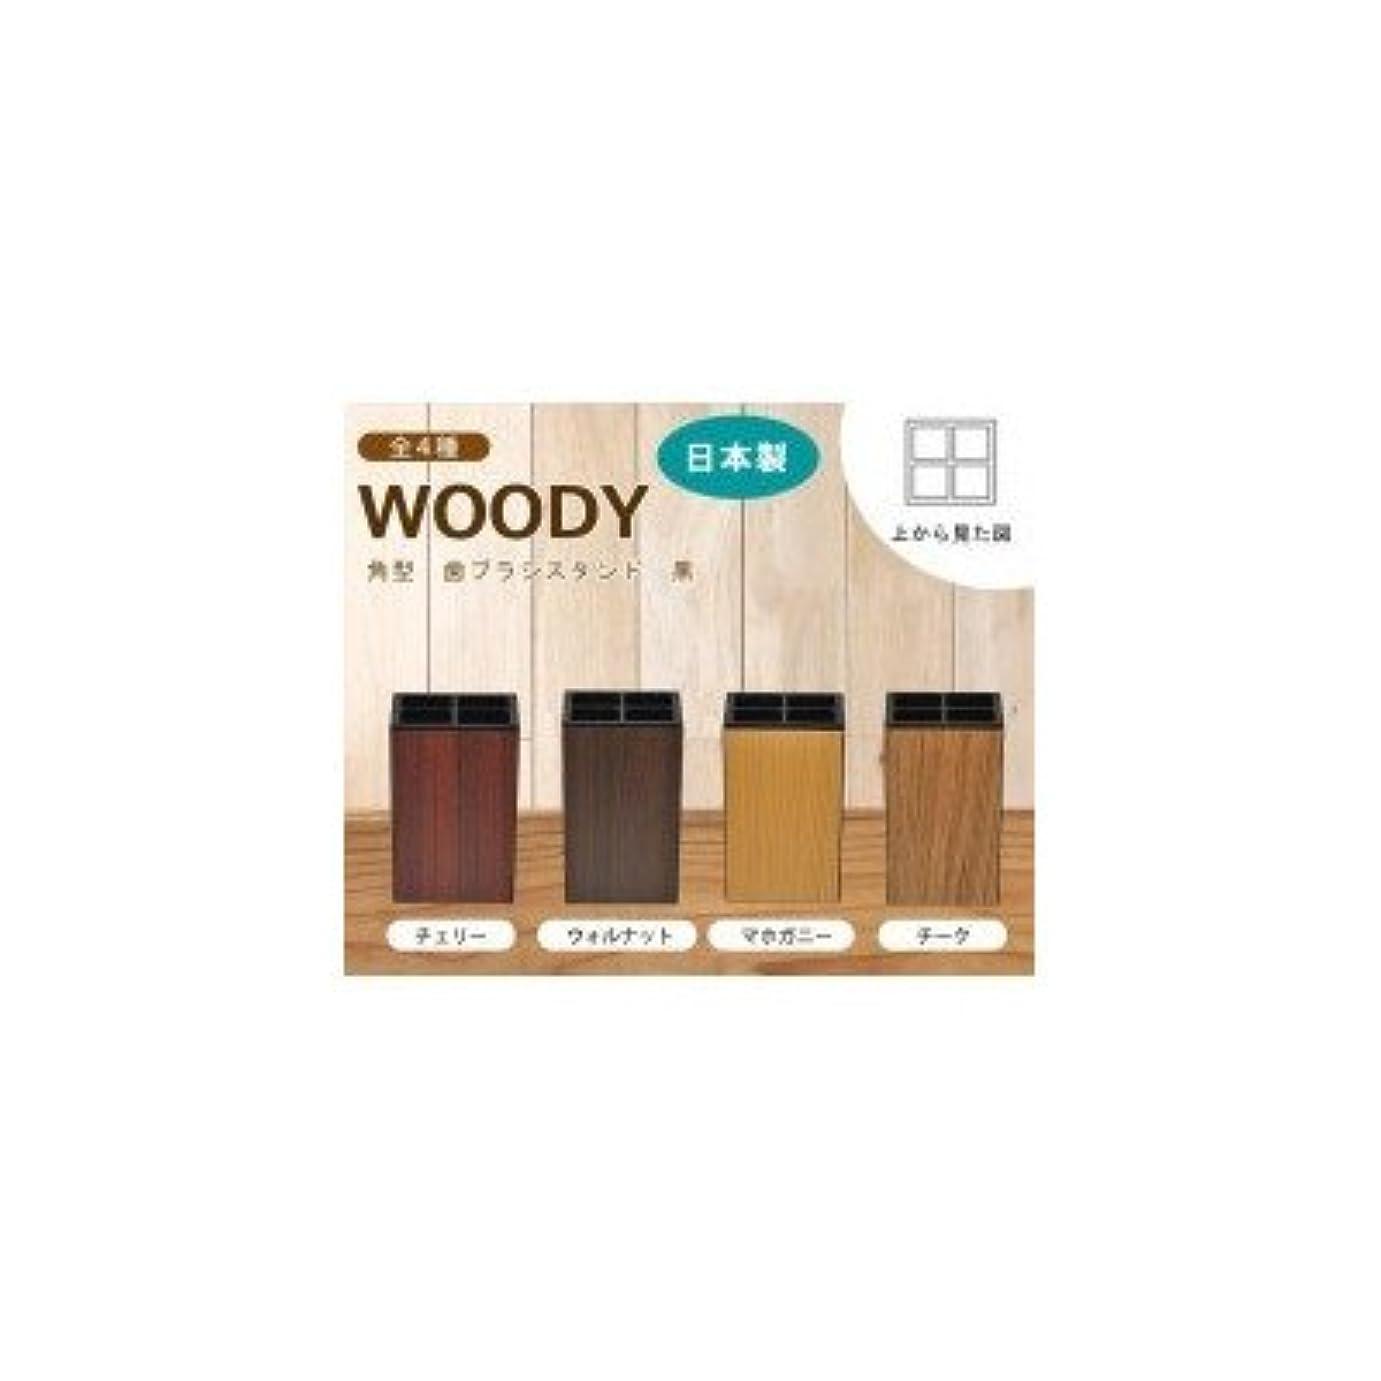 パイプライン情熱実施する日本製 WOODY ウッディ 角型 歯ブラシスタンド 黒 チーク?13-450369( 画像はイメージ画像です お届けの商品はチーク?13-450369のみとなります)